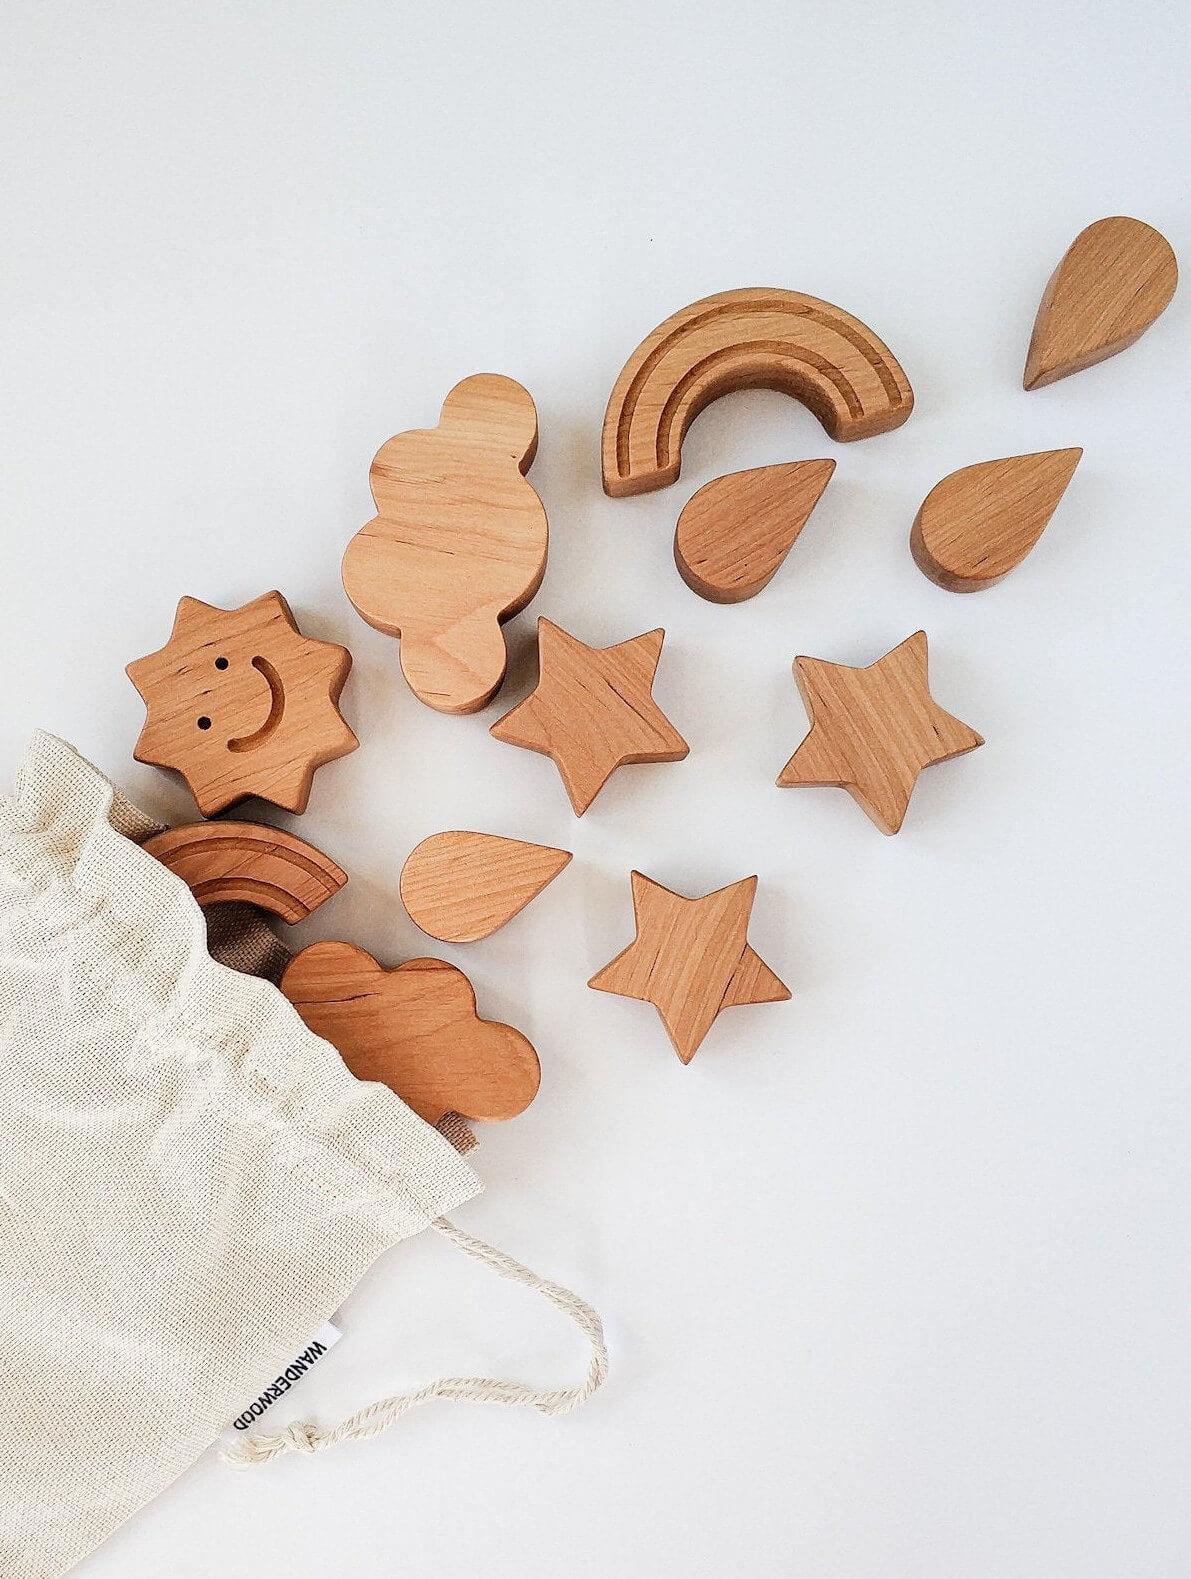 wooden toys stars moon balance